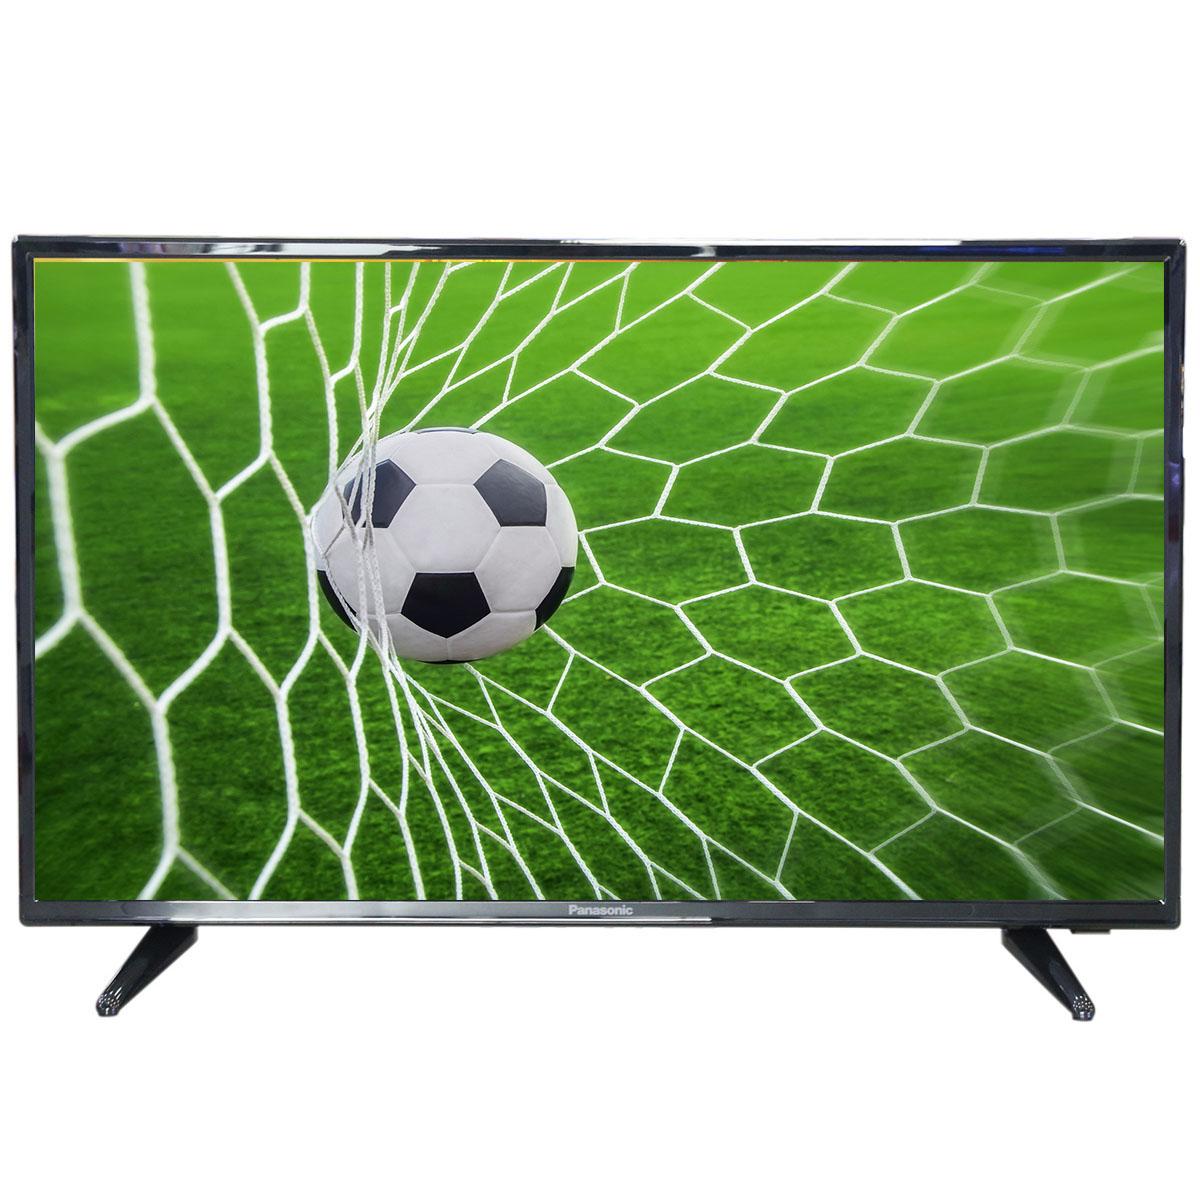 Smart TV Full HD 40 inch Panasonic 40DS500V